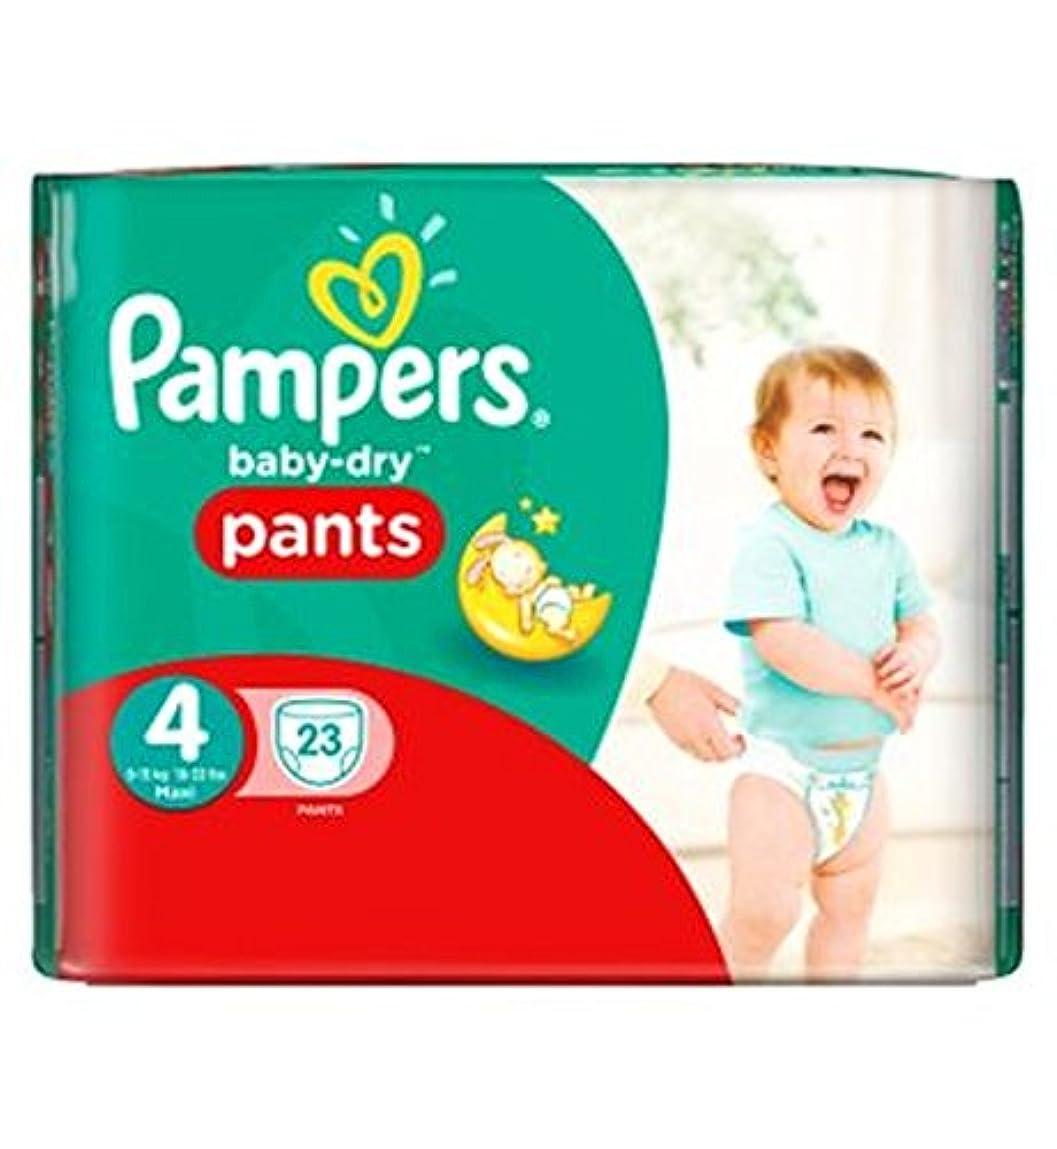 ミケランジェロ日焼け氷Pampers Baby-Dry PANTS Size 4 Carry Pack 23 - パンパースベビードライパンツサイズ4キャリーパック23 (Pampers) [並行輸入品]